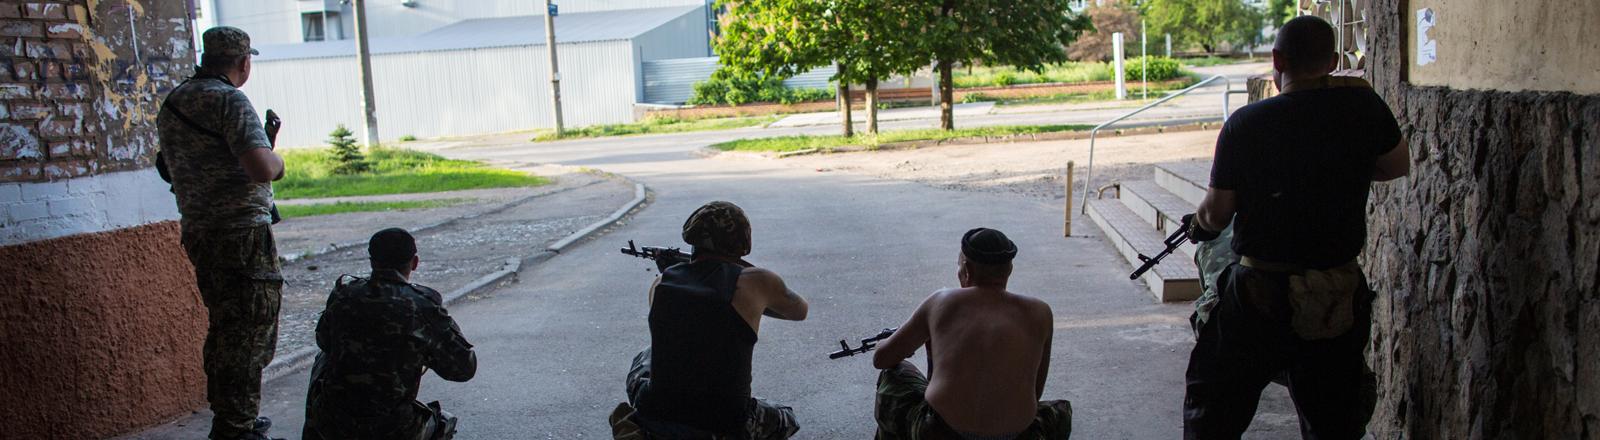 Bewaffnete Mitglieder der Donbass Volunteer Corps in Kramatorsk, Ukraine